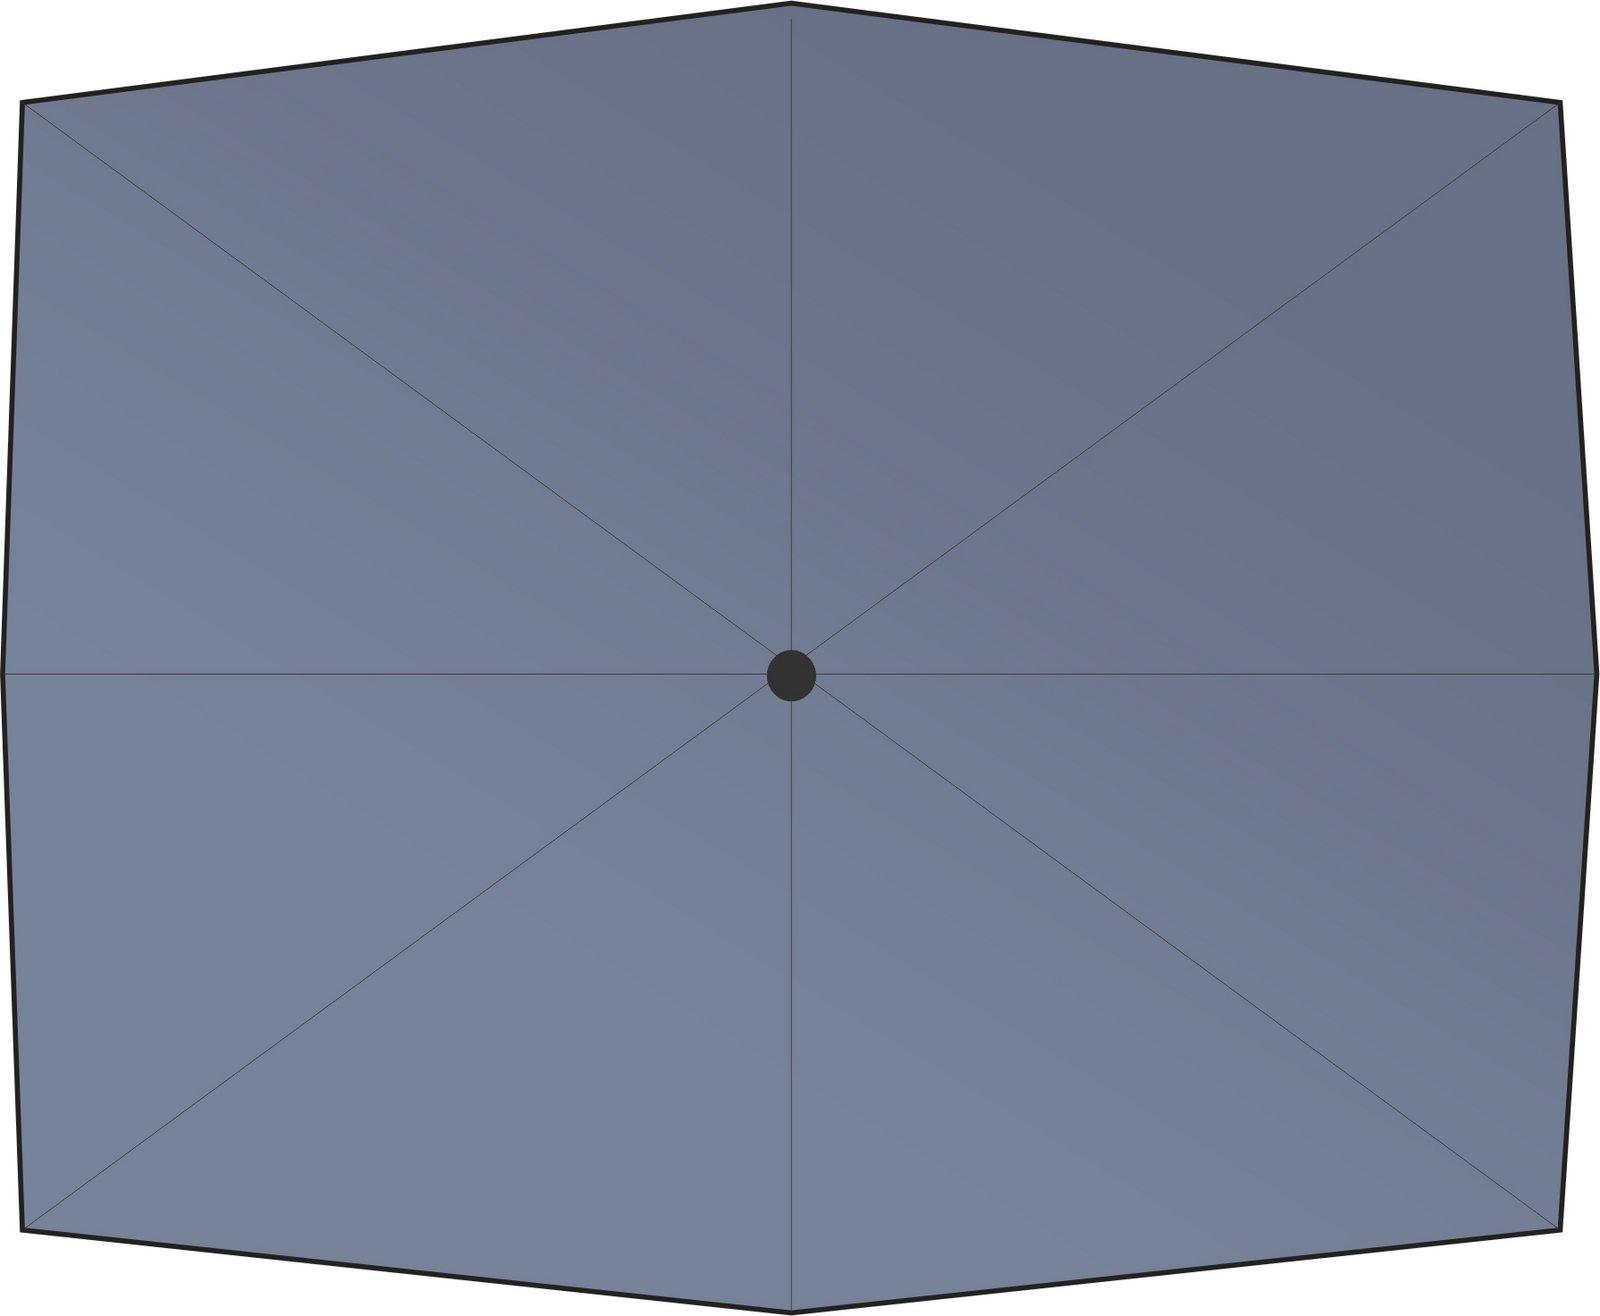 zangenberg ersatzbezug f r ampelschirm eckig grau 3m x 3m ebay. Black Bedroom Furniture Sets. Home Design Ideas